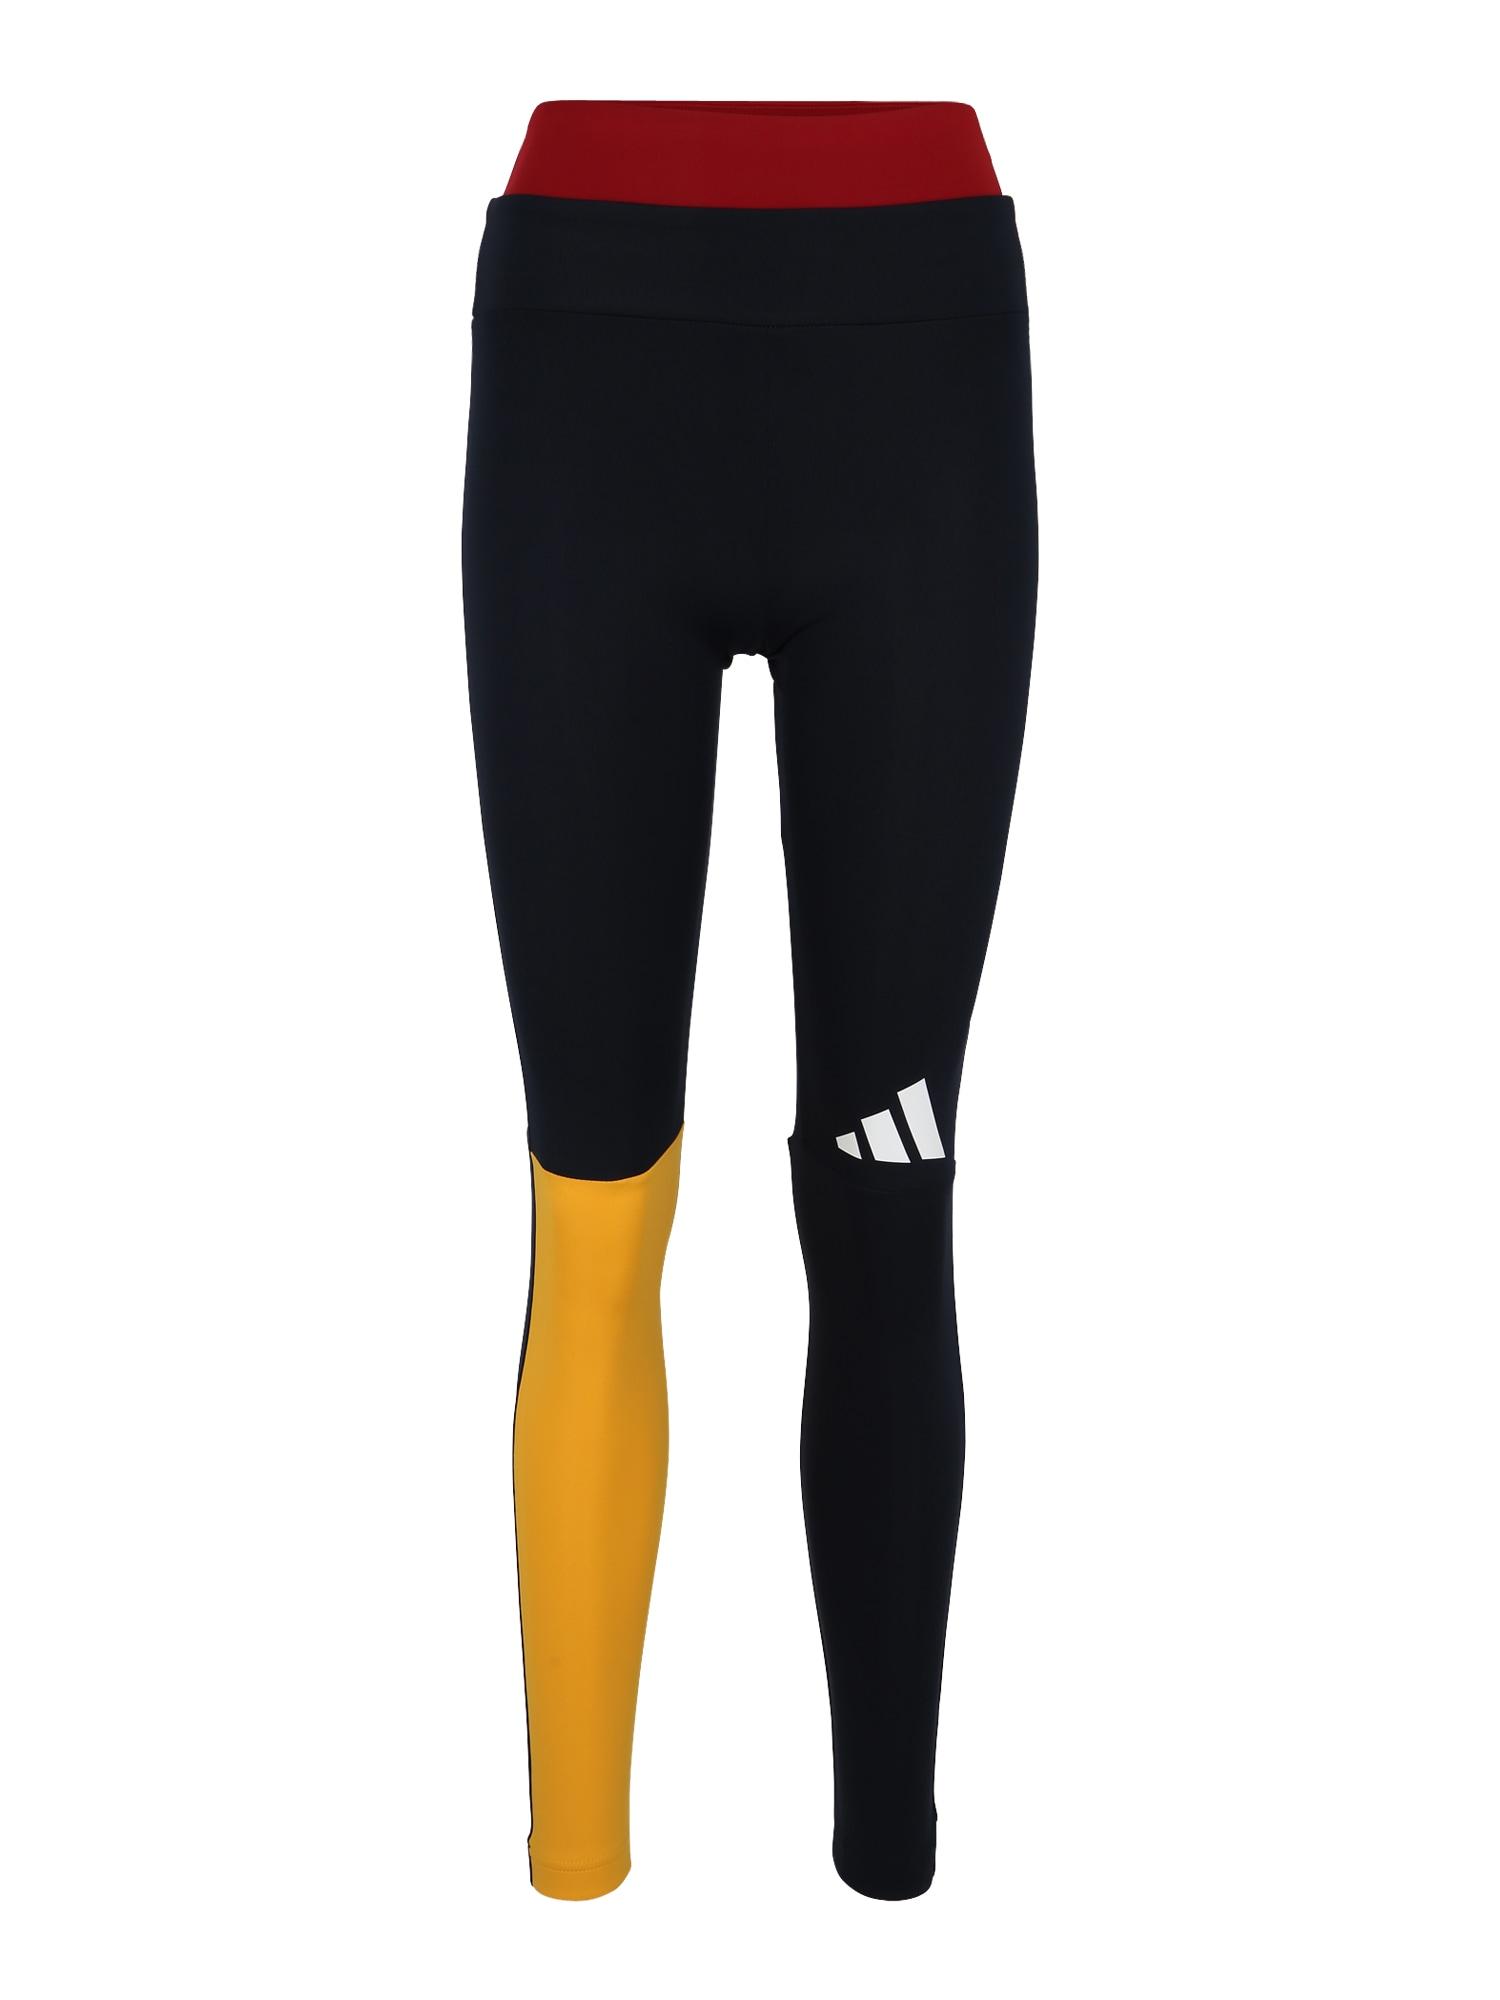 Sportovní kalhoty Pack Colorblock námořnická modř žlutá červená bílá ADIDAS PERFORMANCE